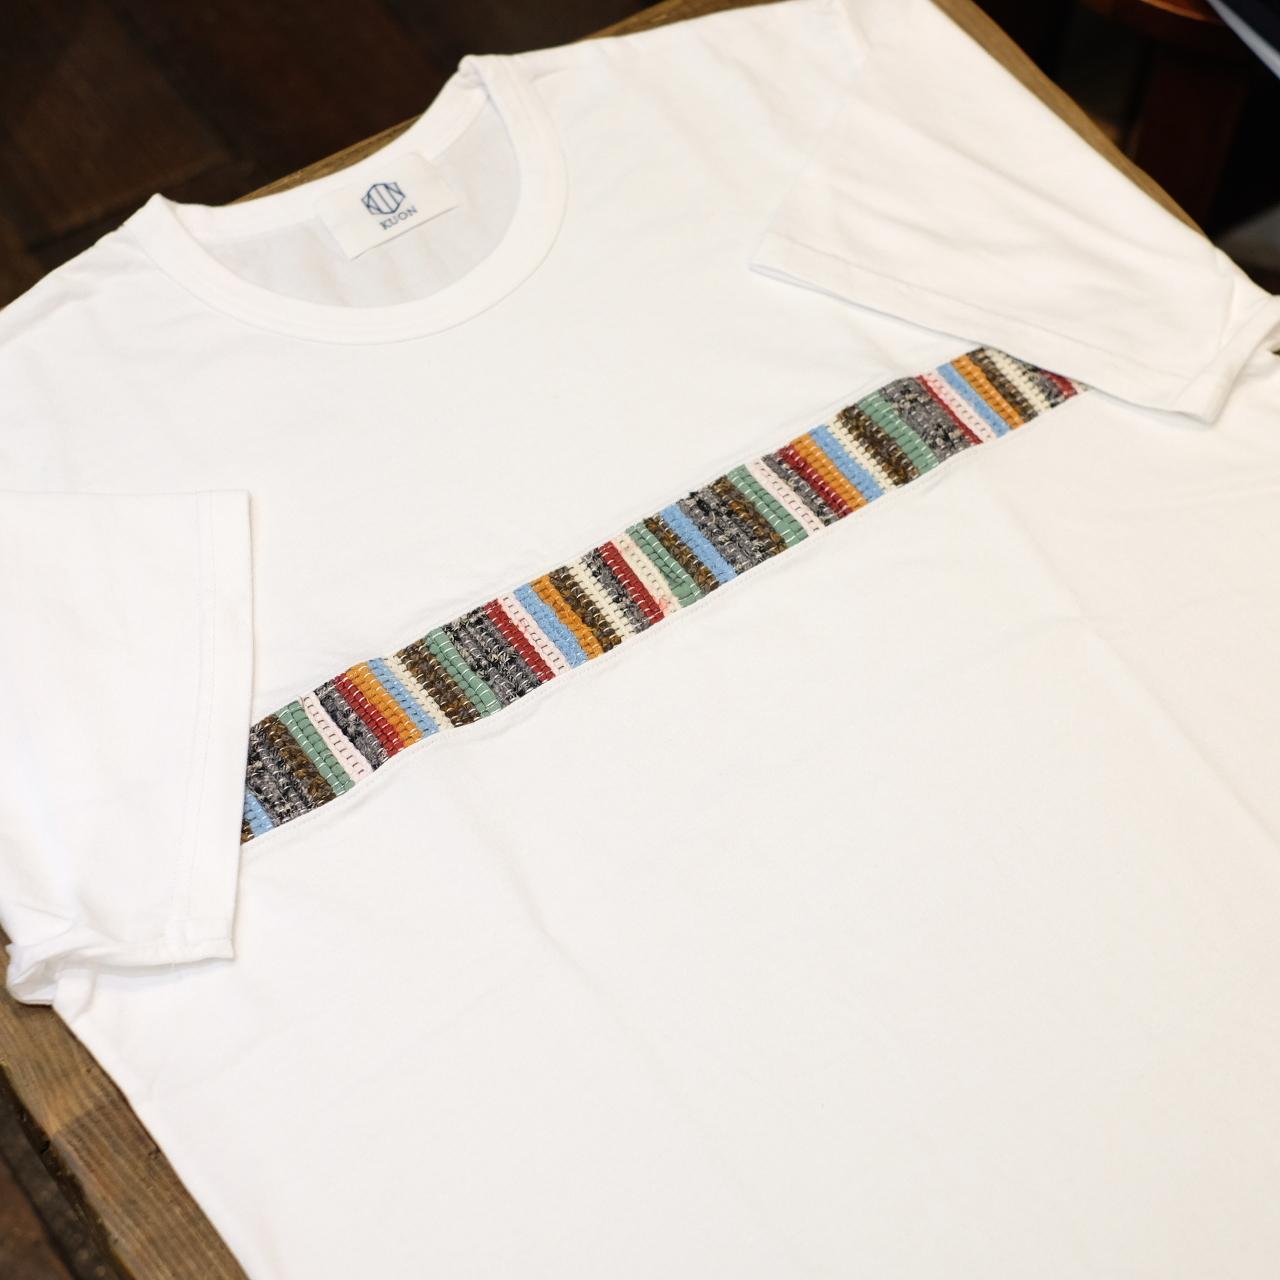 KUON(クオン) ライン裂き織りTシャツ ホワイト